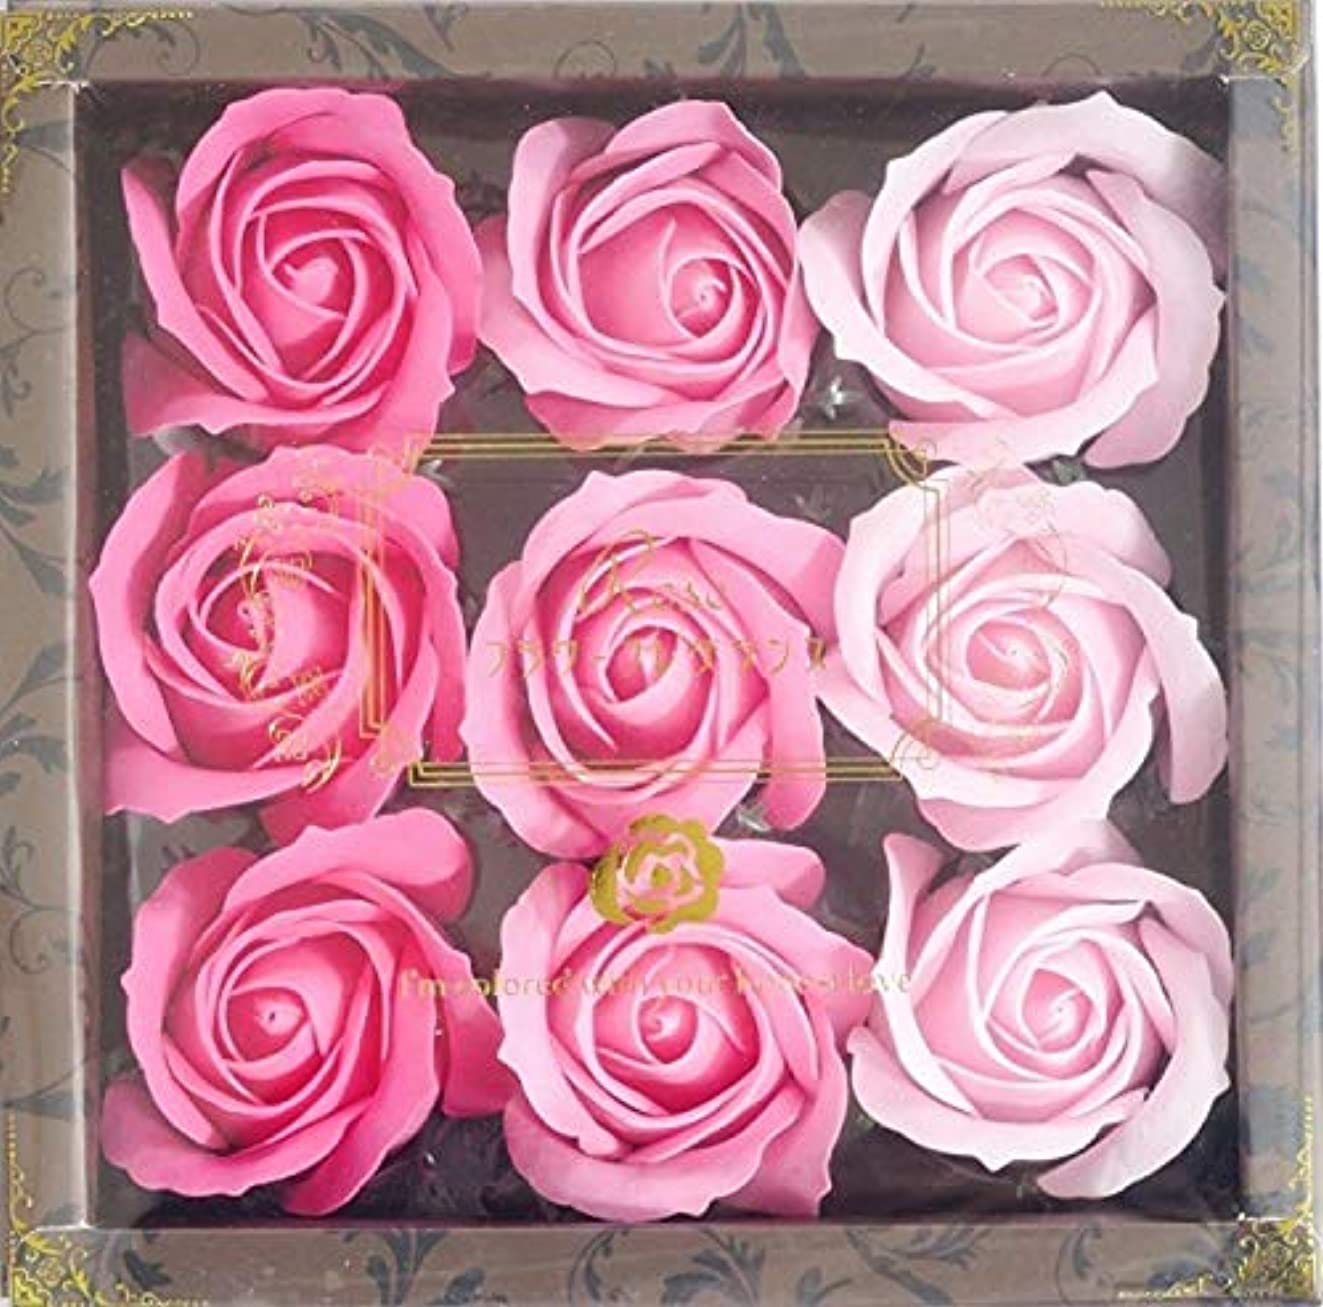 統治可能征服する近傍バスフレグランス バスフラワー ローズフレグランス ピンクカラー お花の形の入浴剤 プレゼント ばら ギフト